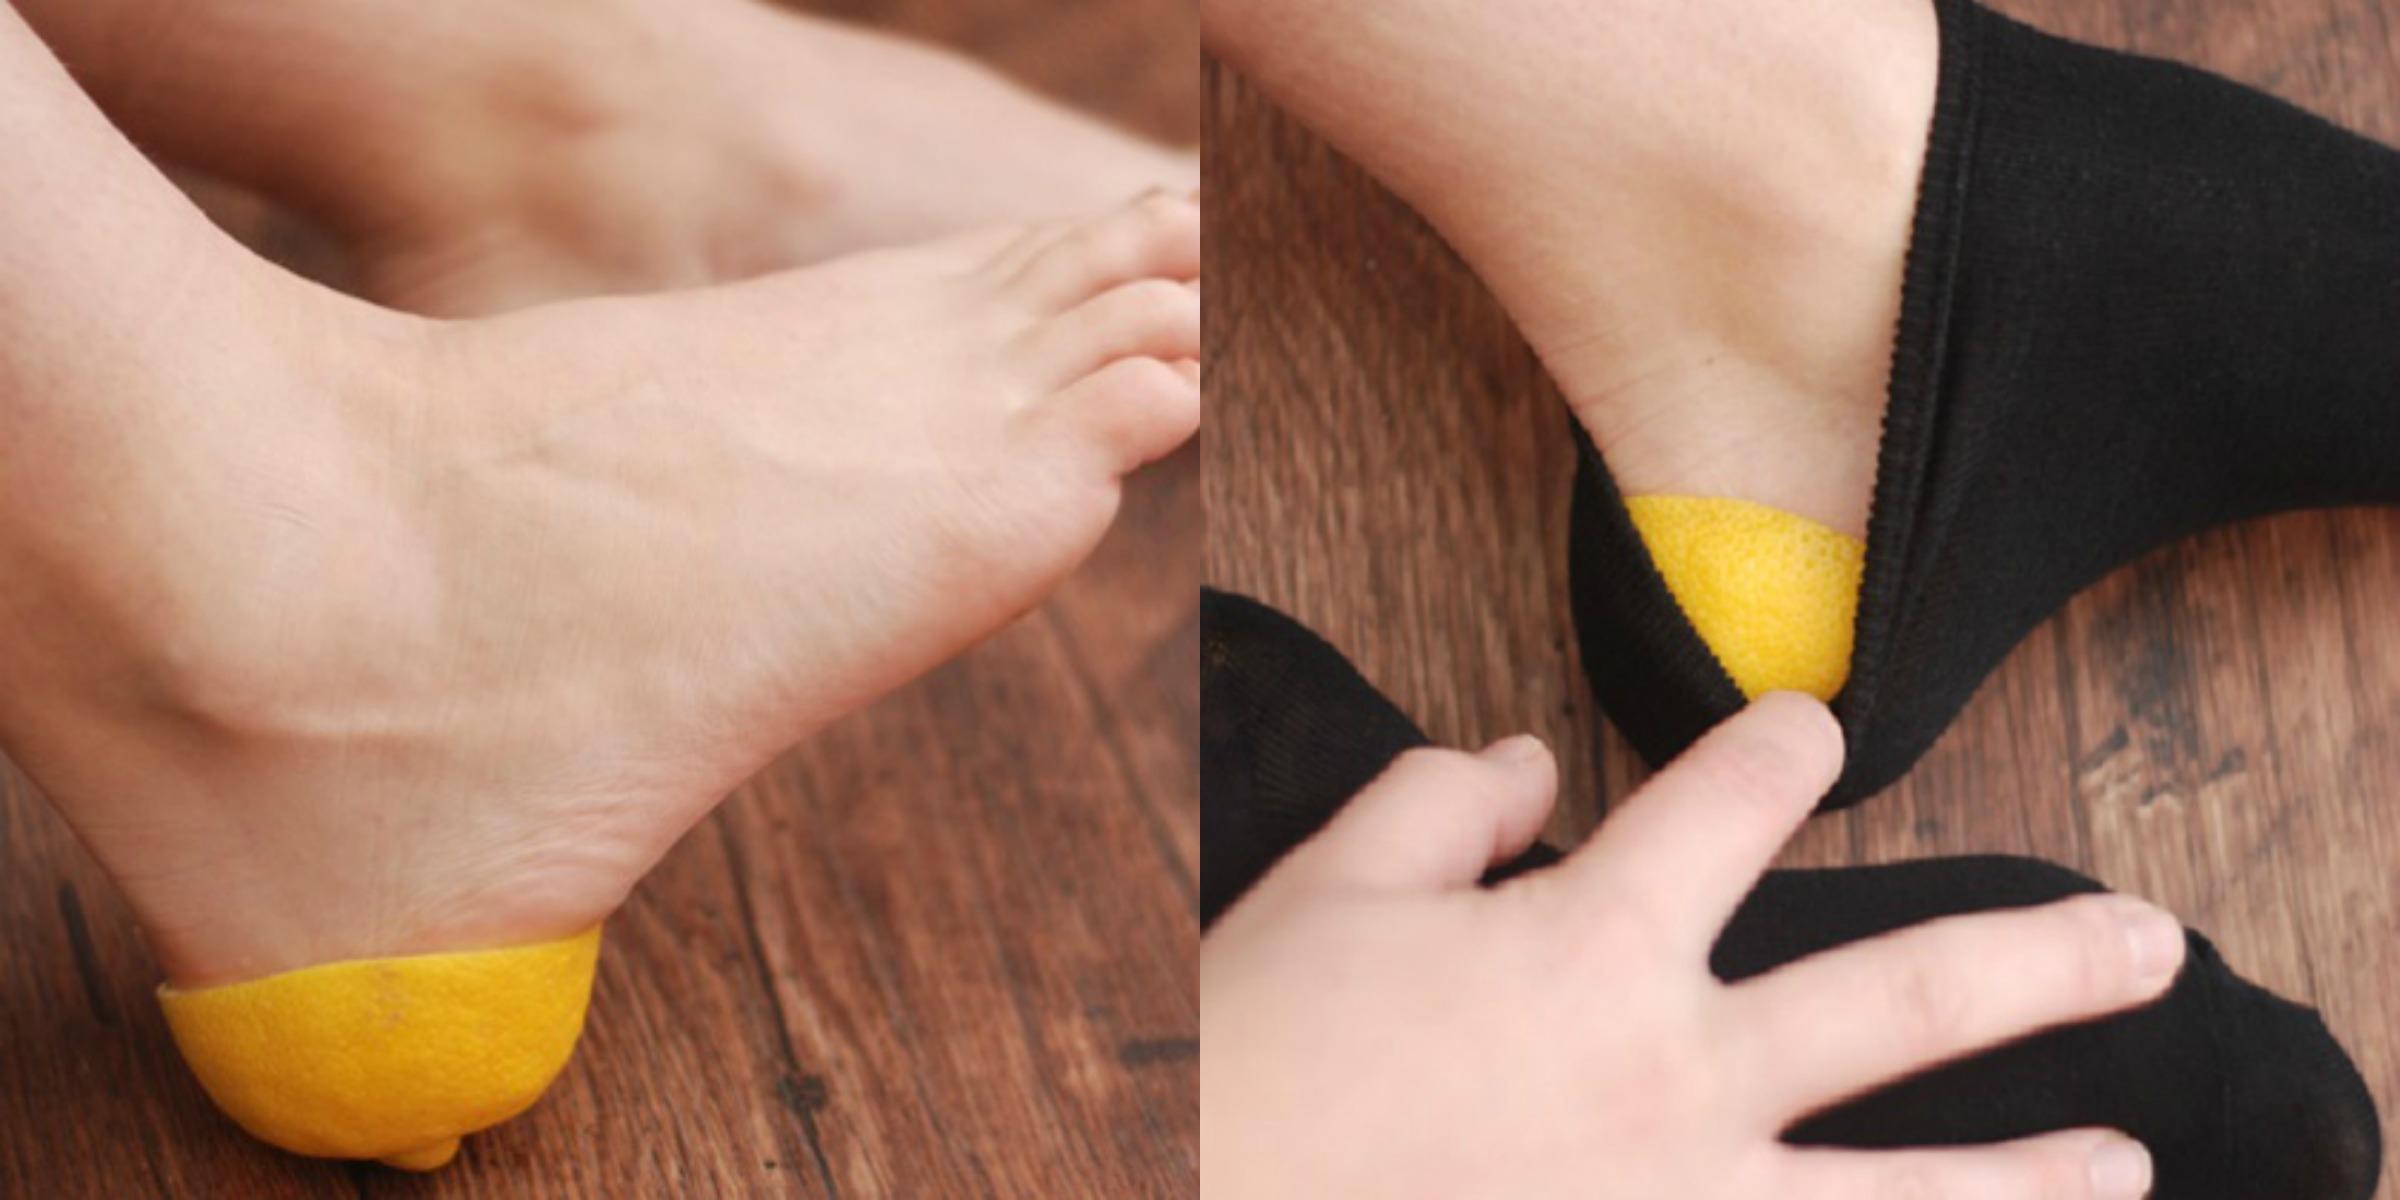 Aprender este truco, ¡nunca más te irás a la cama sin una cáscara de limón en los pies!